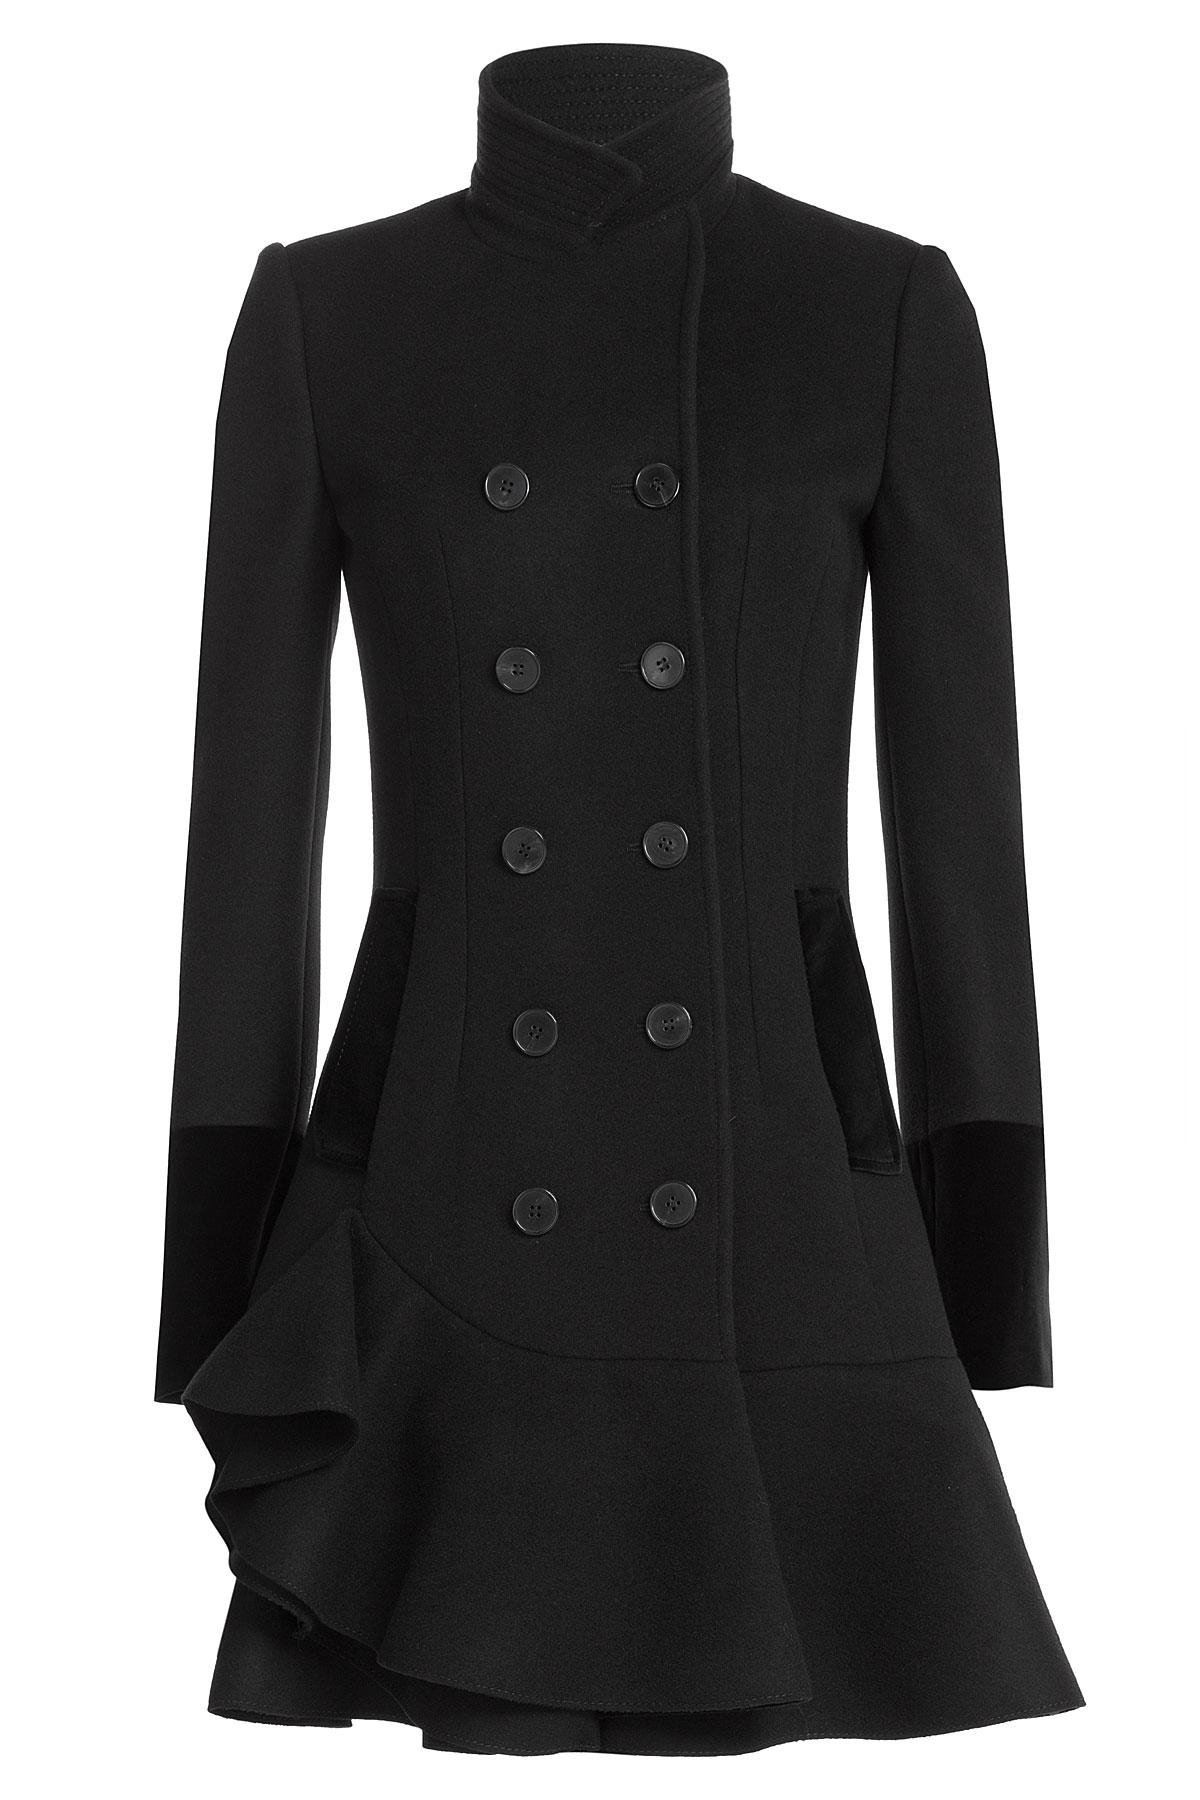 Alexander mcqueen Virgin Wool Coat With Flared Hem - Black in ...